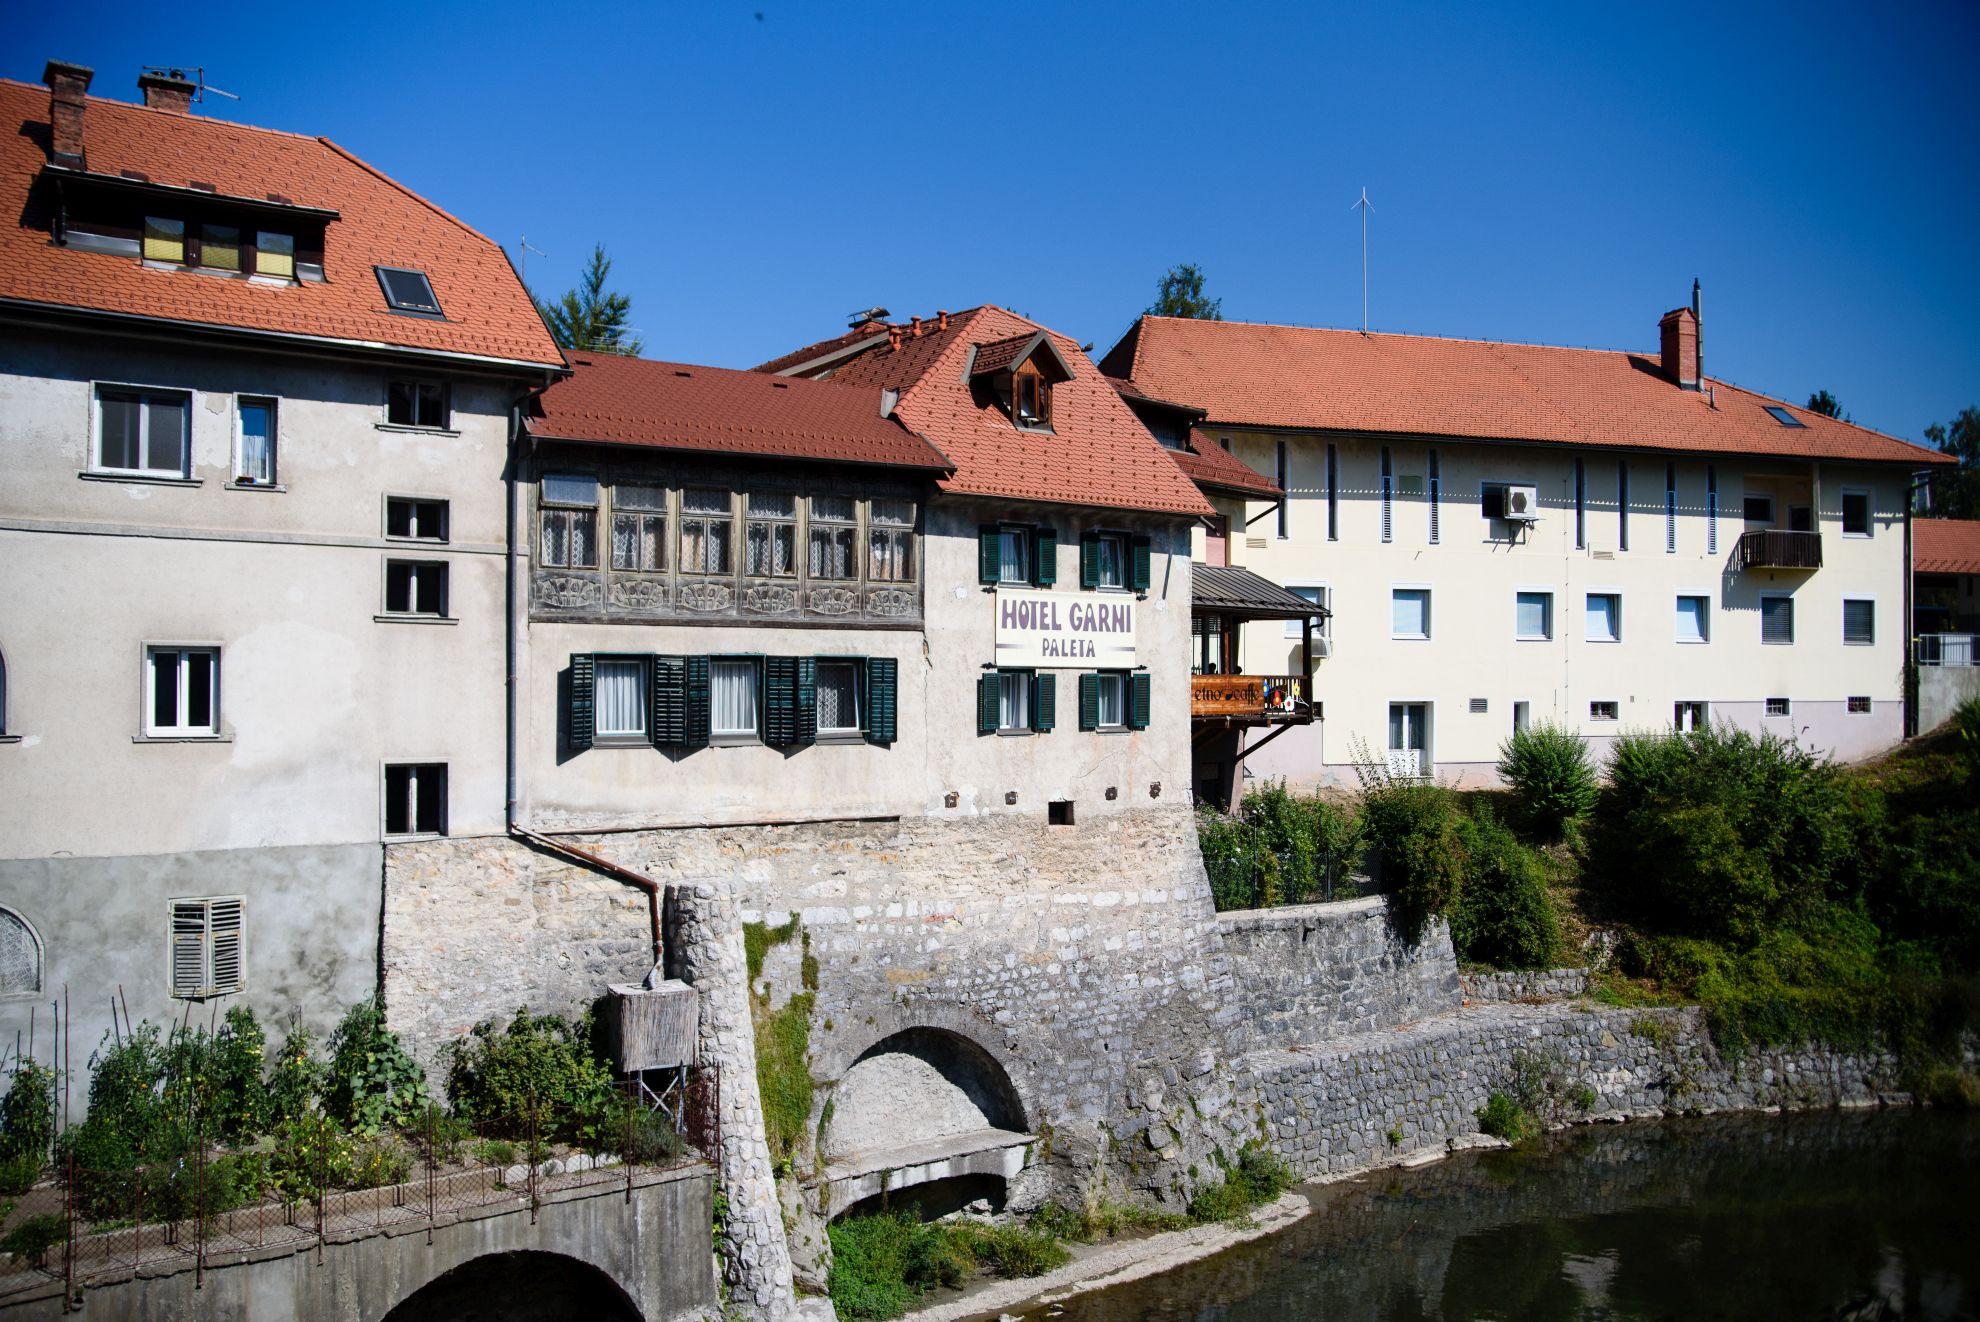 Škofja Loka - stare miasto